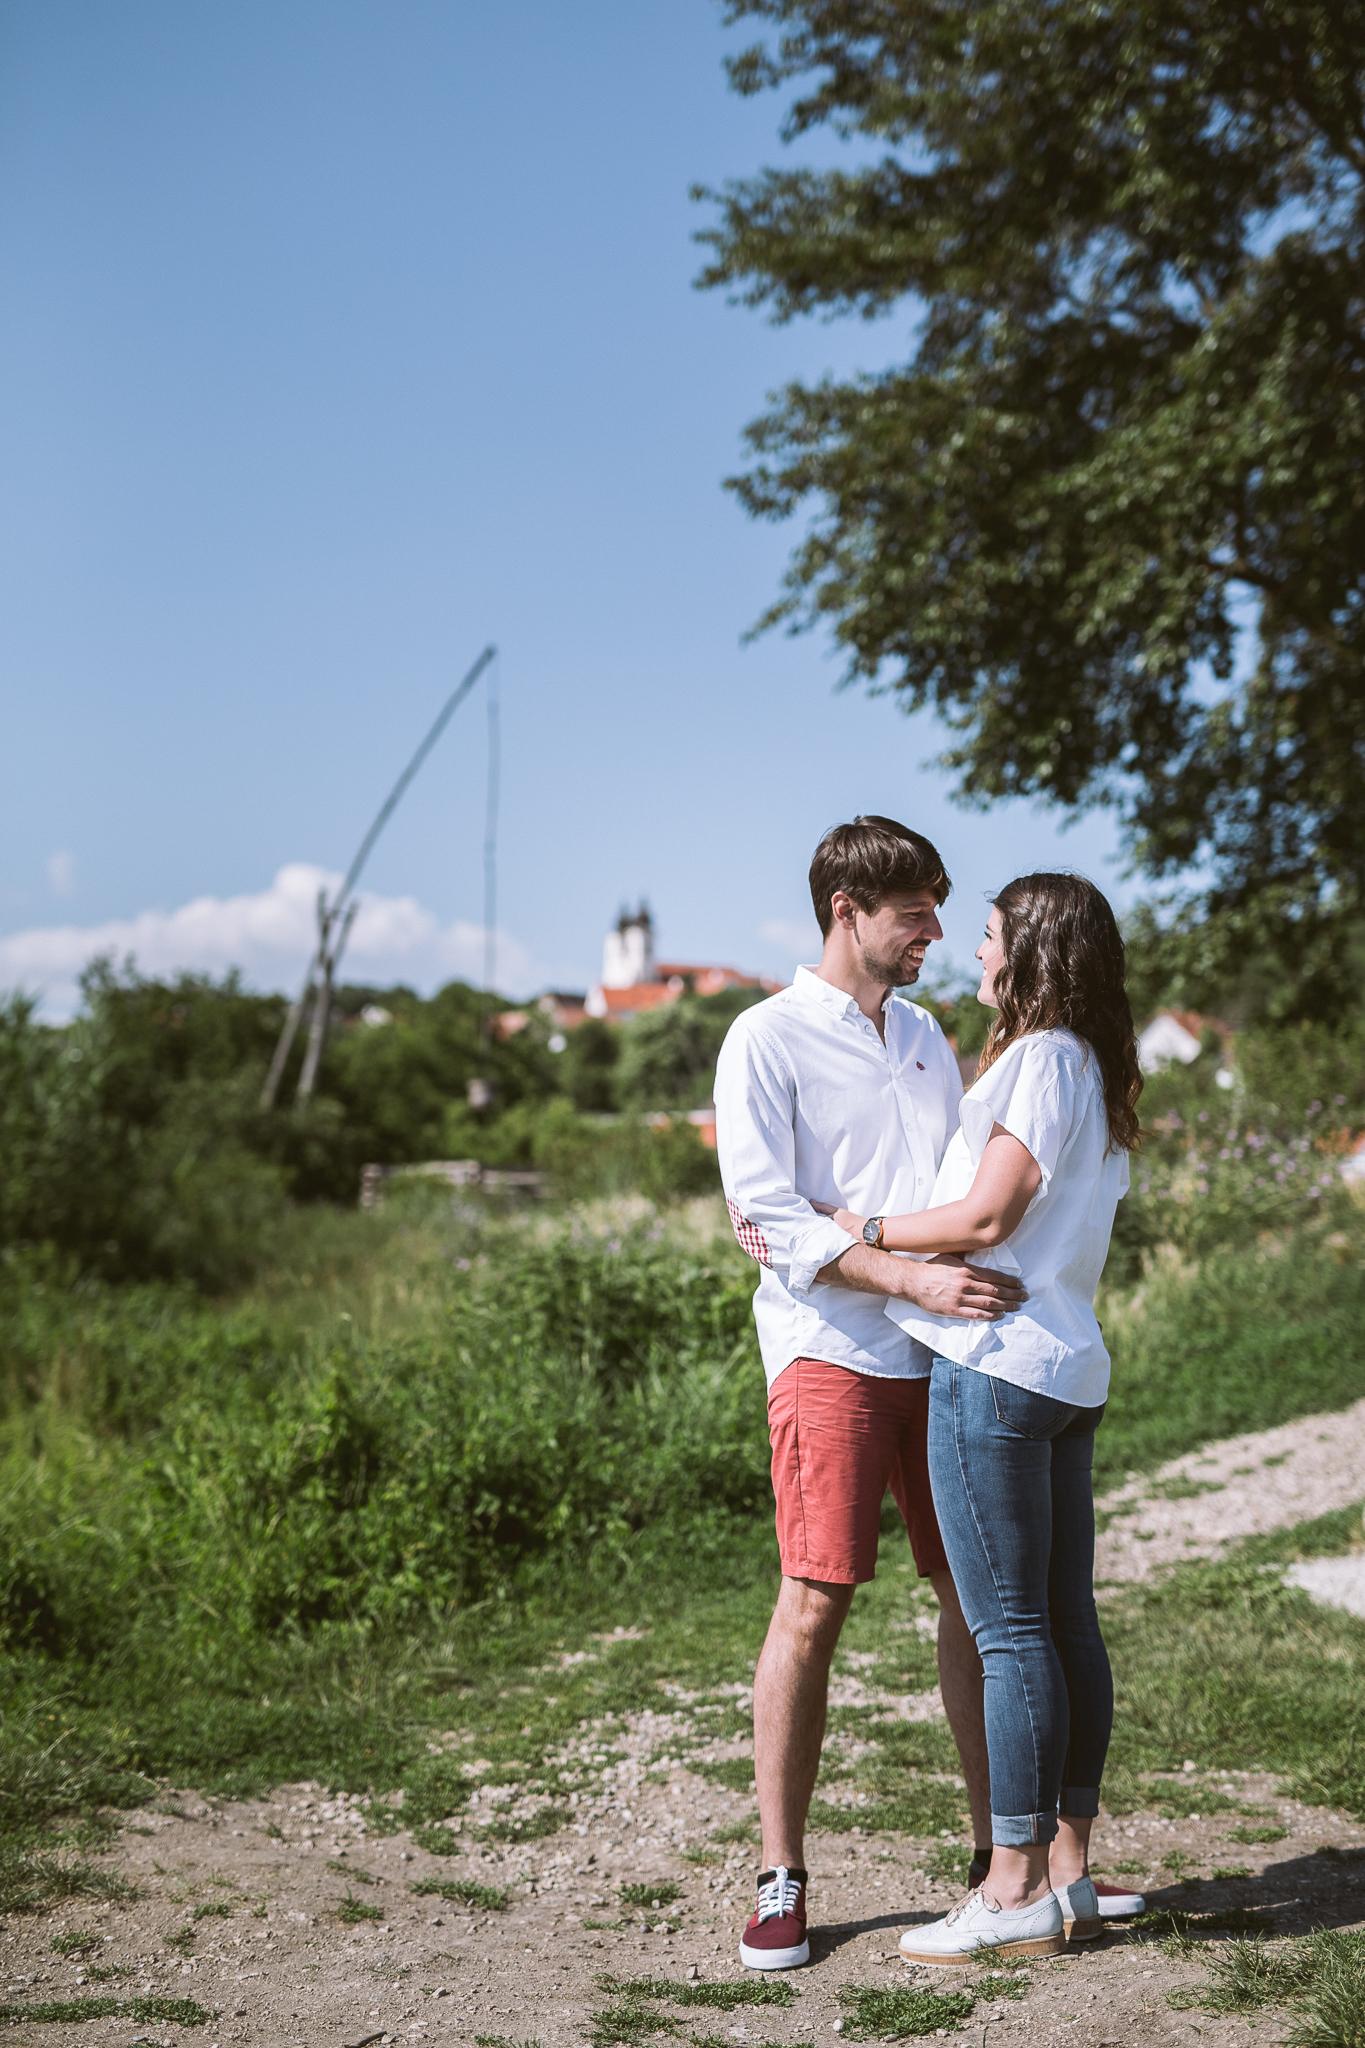 FylepPhoto, esküvőfotózás, magyarország, esküvői fotós, vasmegye, prémium, jegyesfotózás, Fülöp Péter, körmend, kreatív, tihany 11.jpg